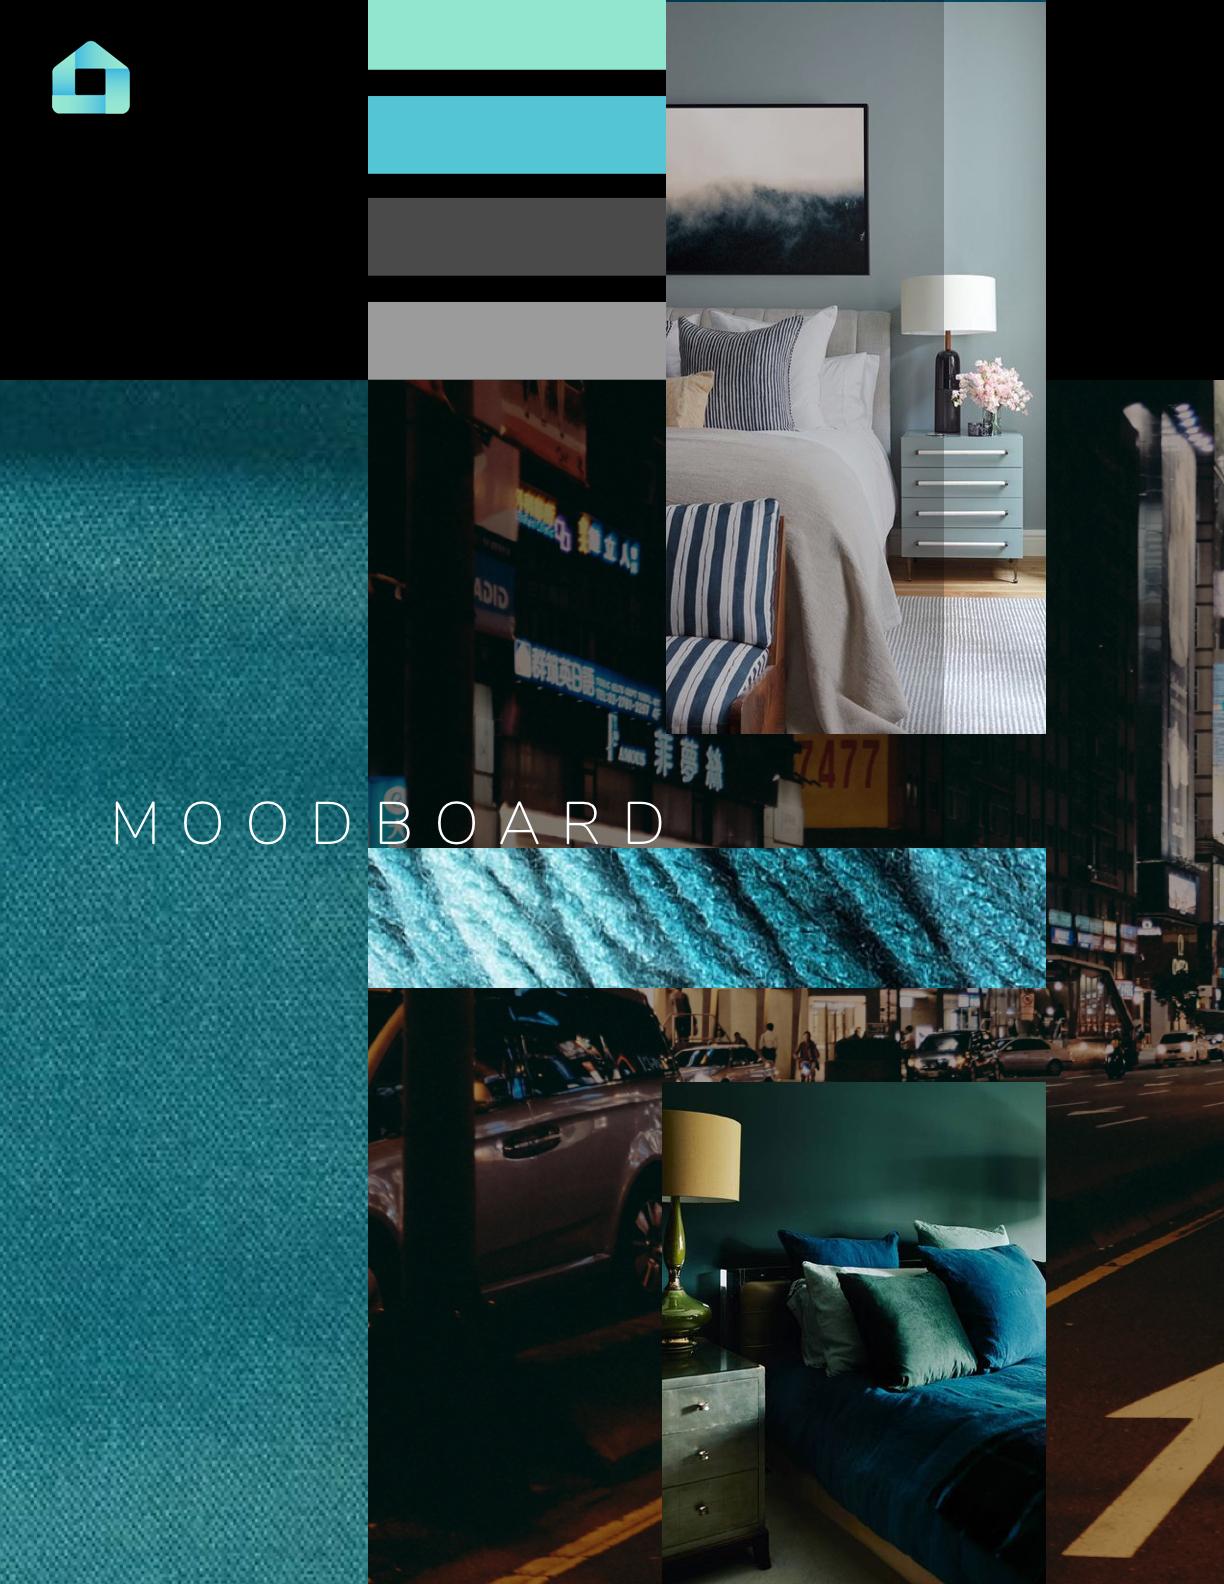 Moodbboard